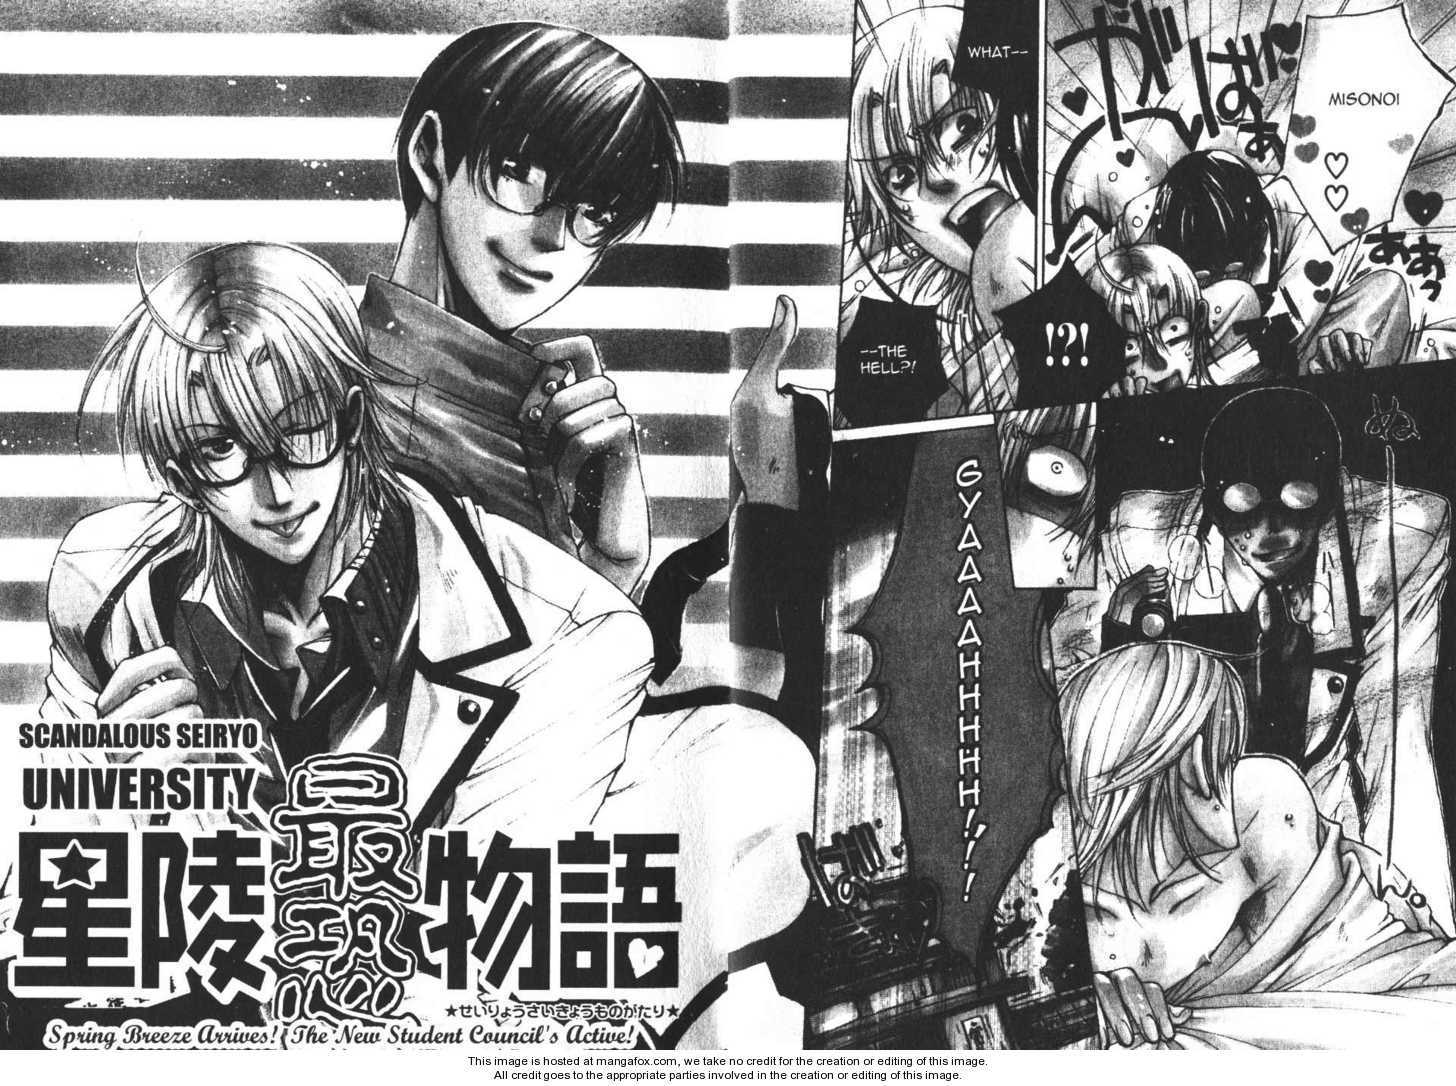 Seiryou Saikyou Monogatari 9 Page 2